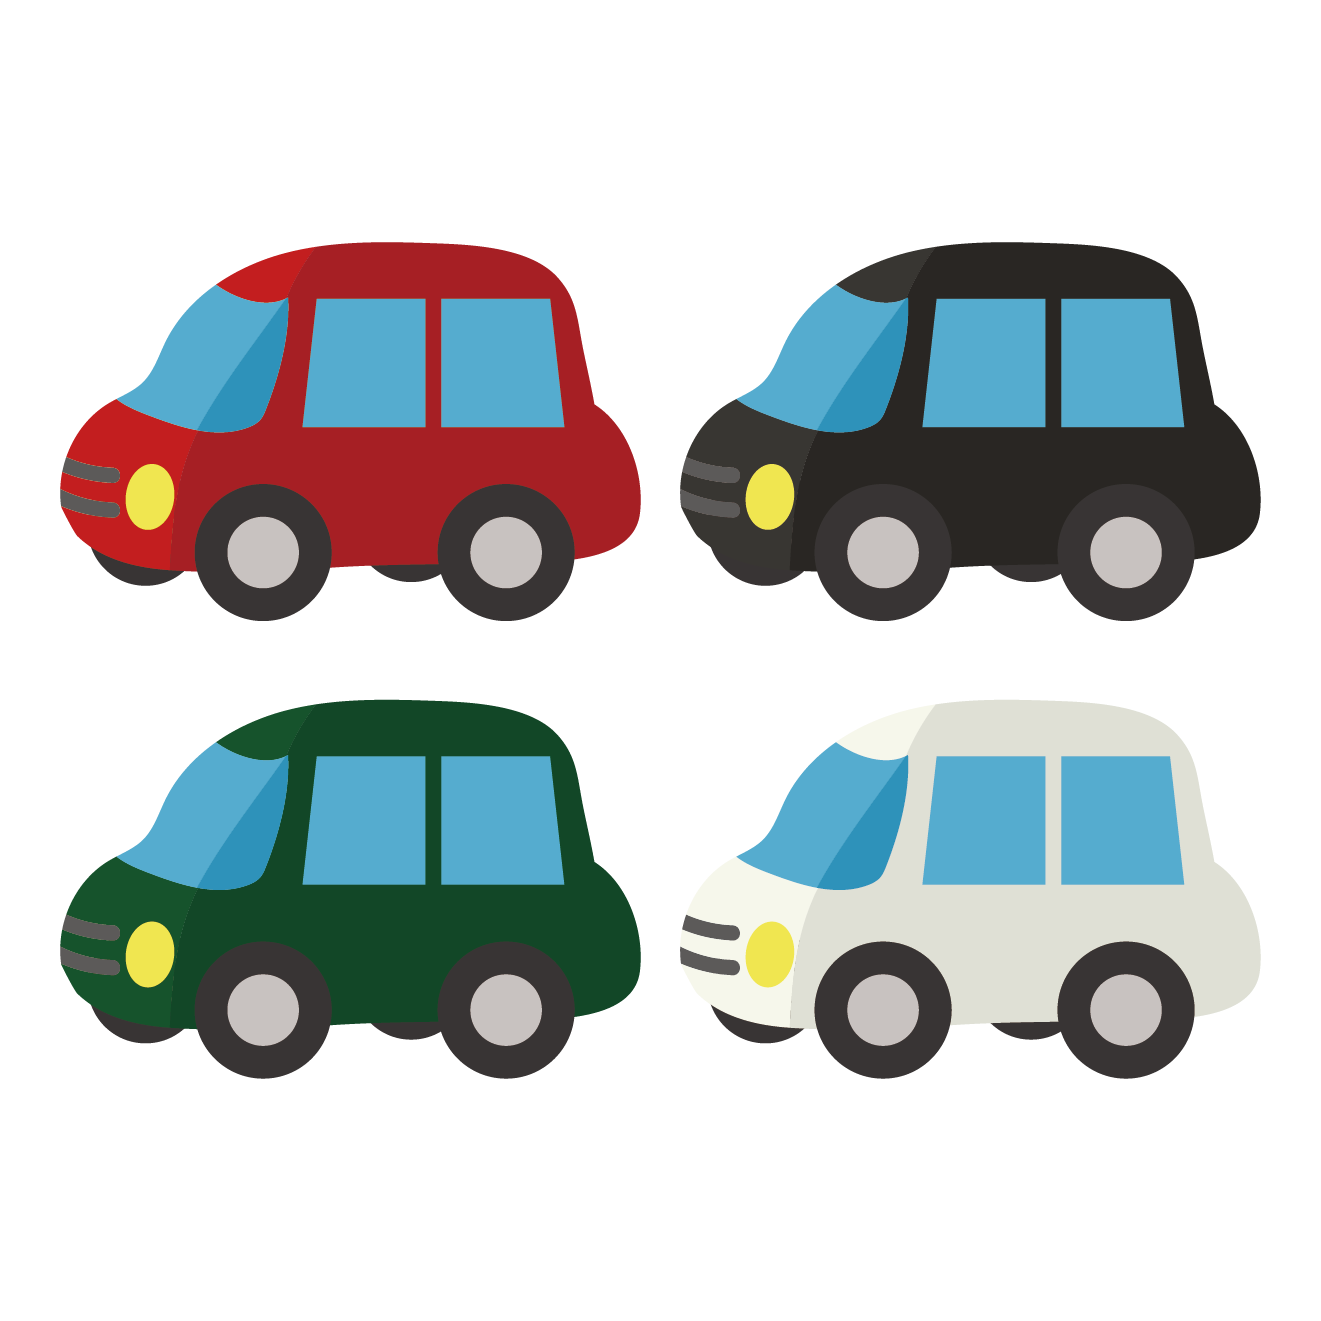 新車!?乗用車(車・自動車)のイラスト | 商用フリー(無料)の